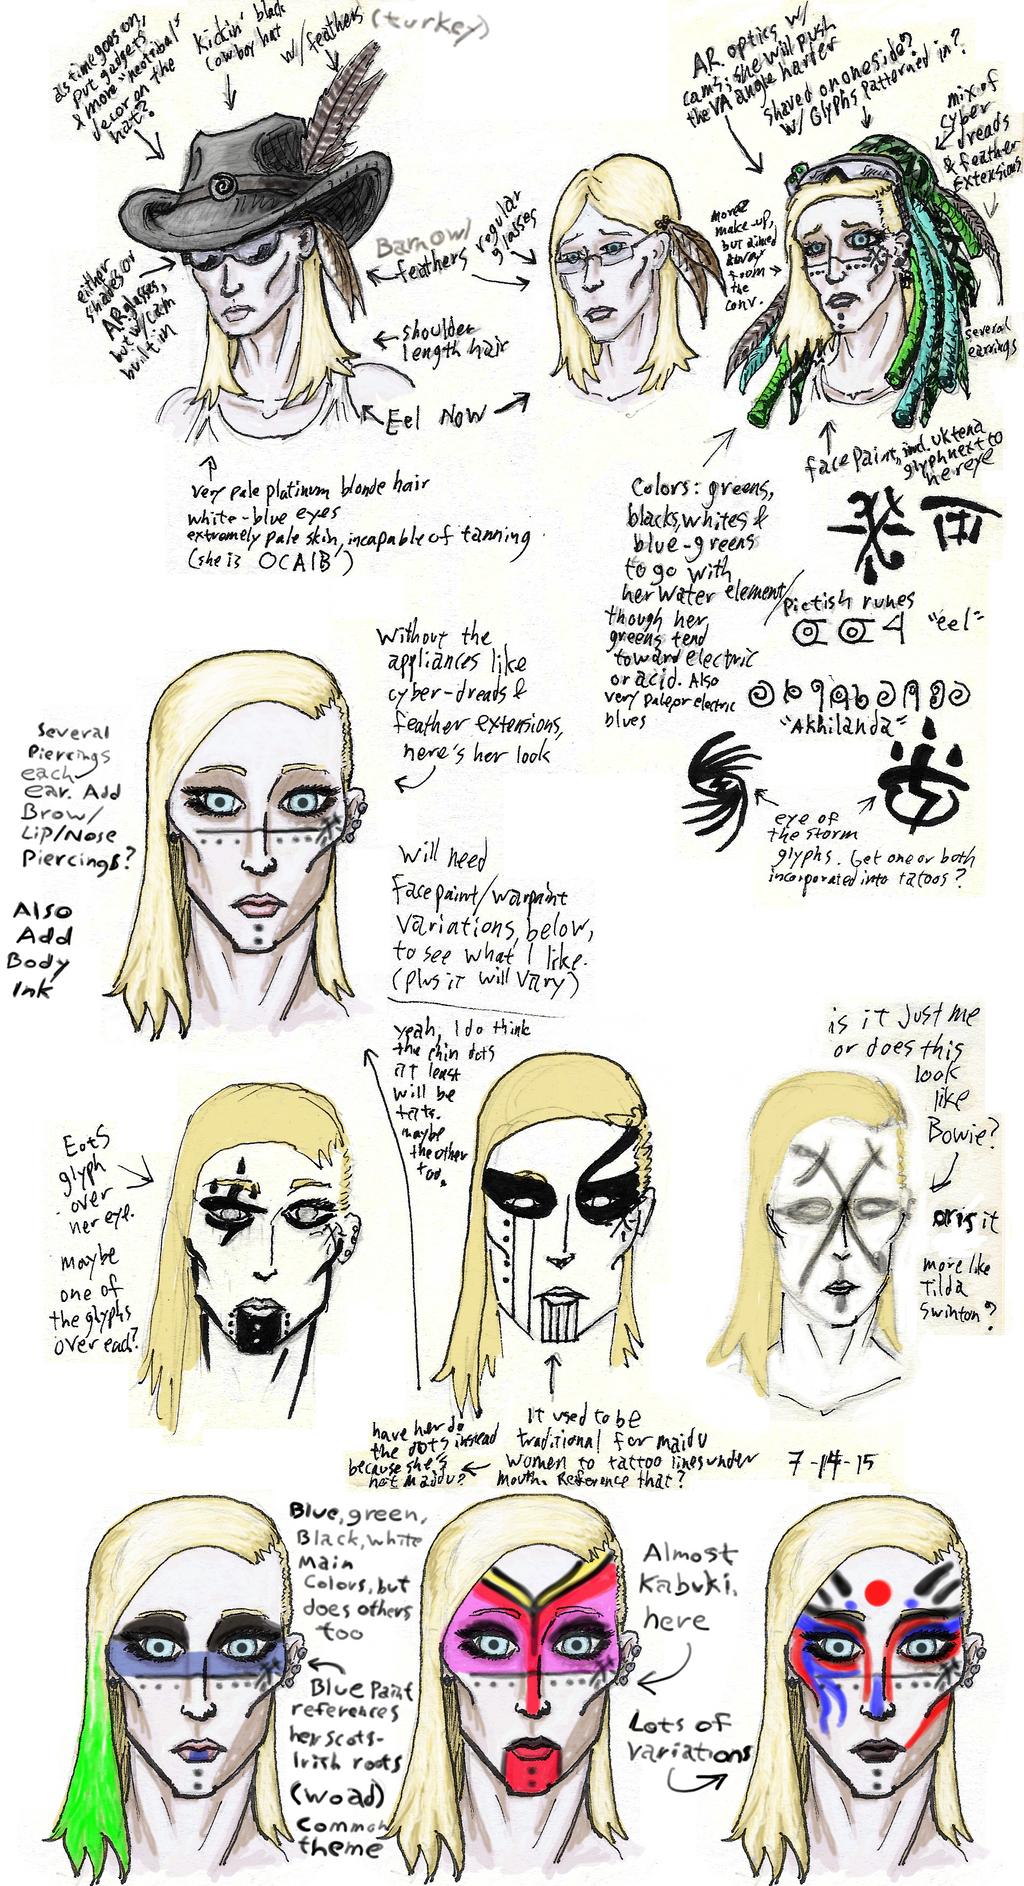 Eel's Makeover by uhlrik